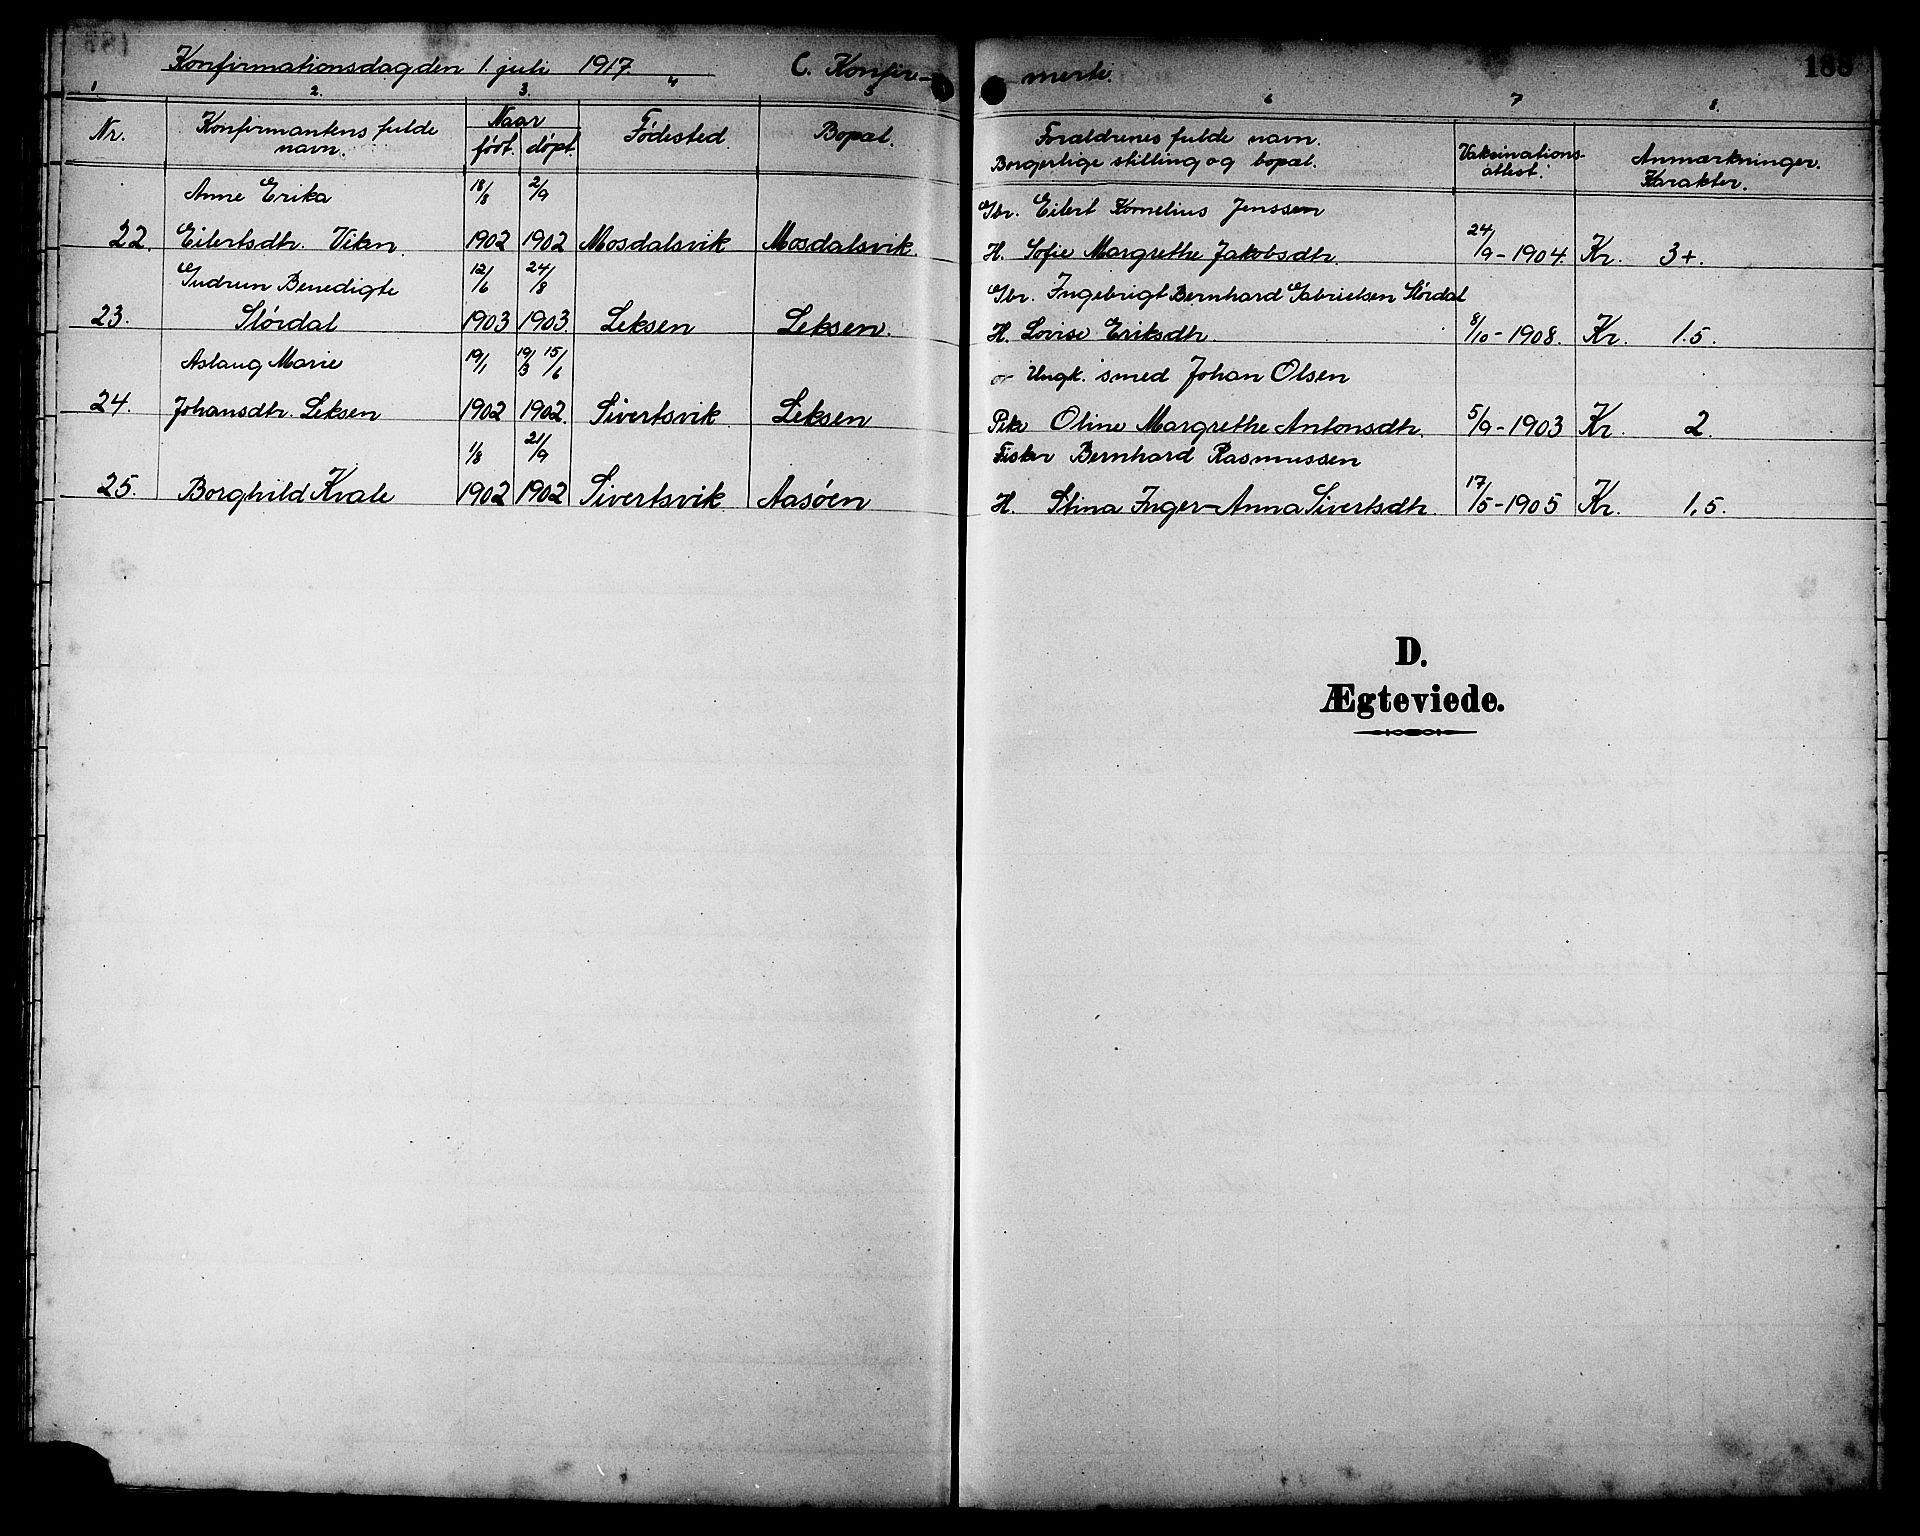 SAT, Ministerialprotokoller, klokkerbøker og fødselsregistre - Sør-Trøndelag, 662/L0757: Klokkerbok nr. 662C02, 1892-1918, s. 188